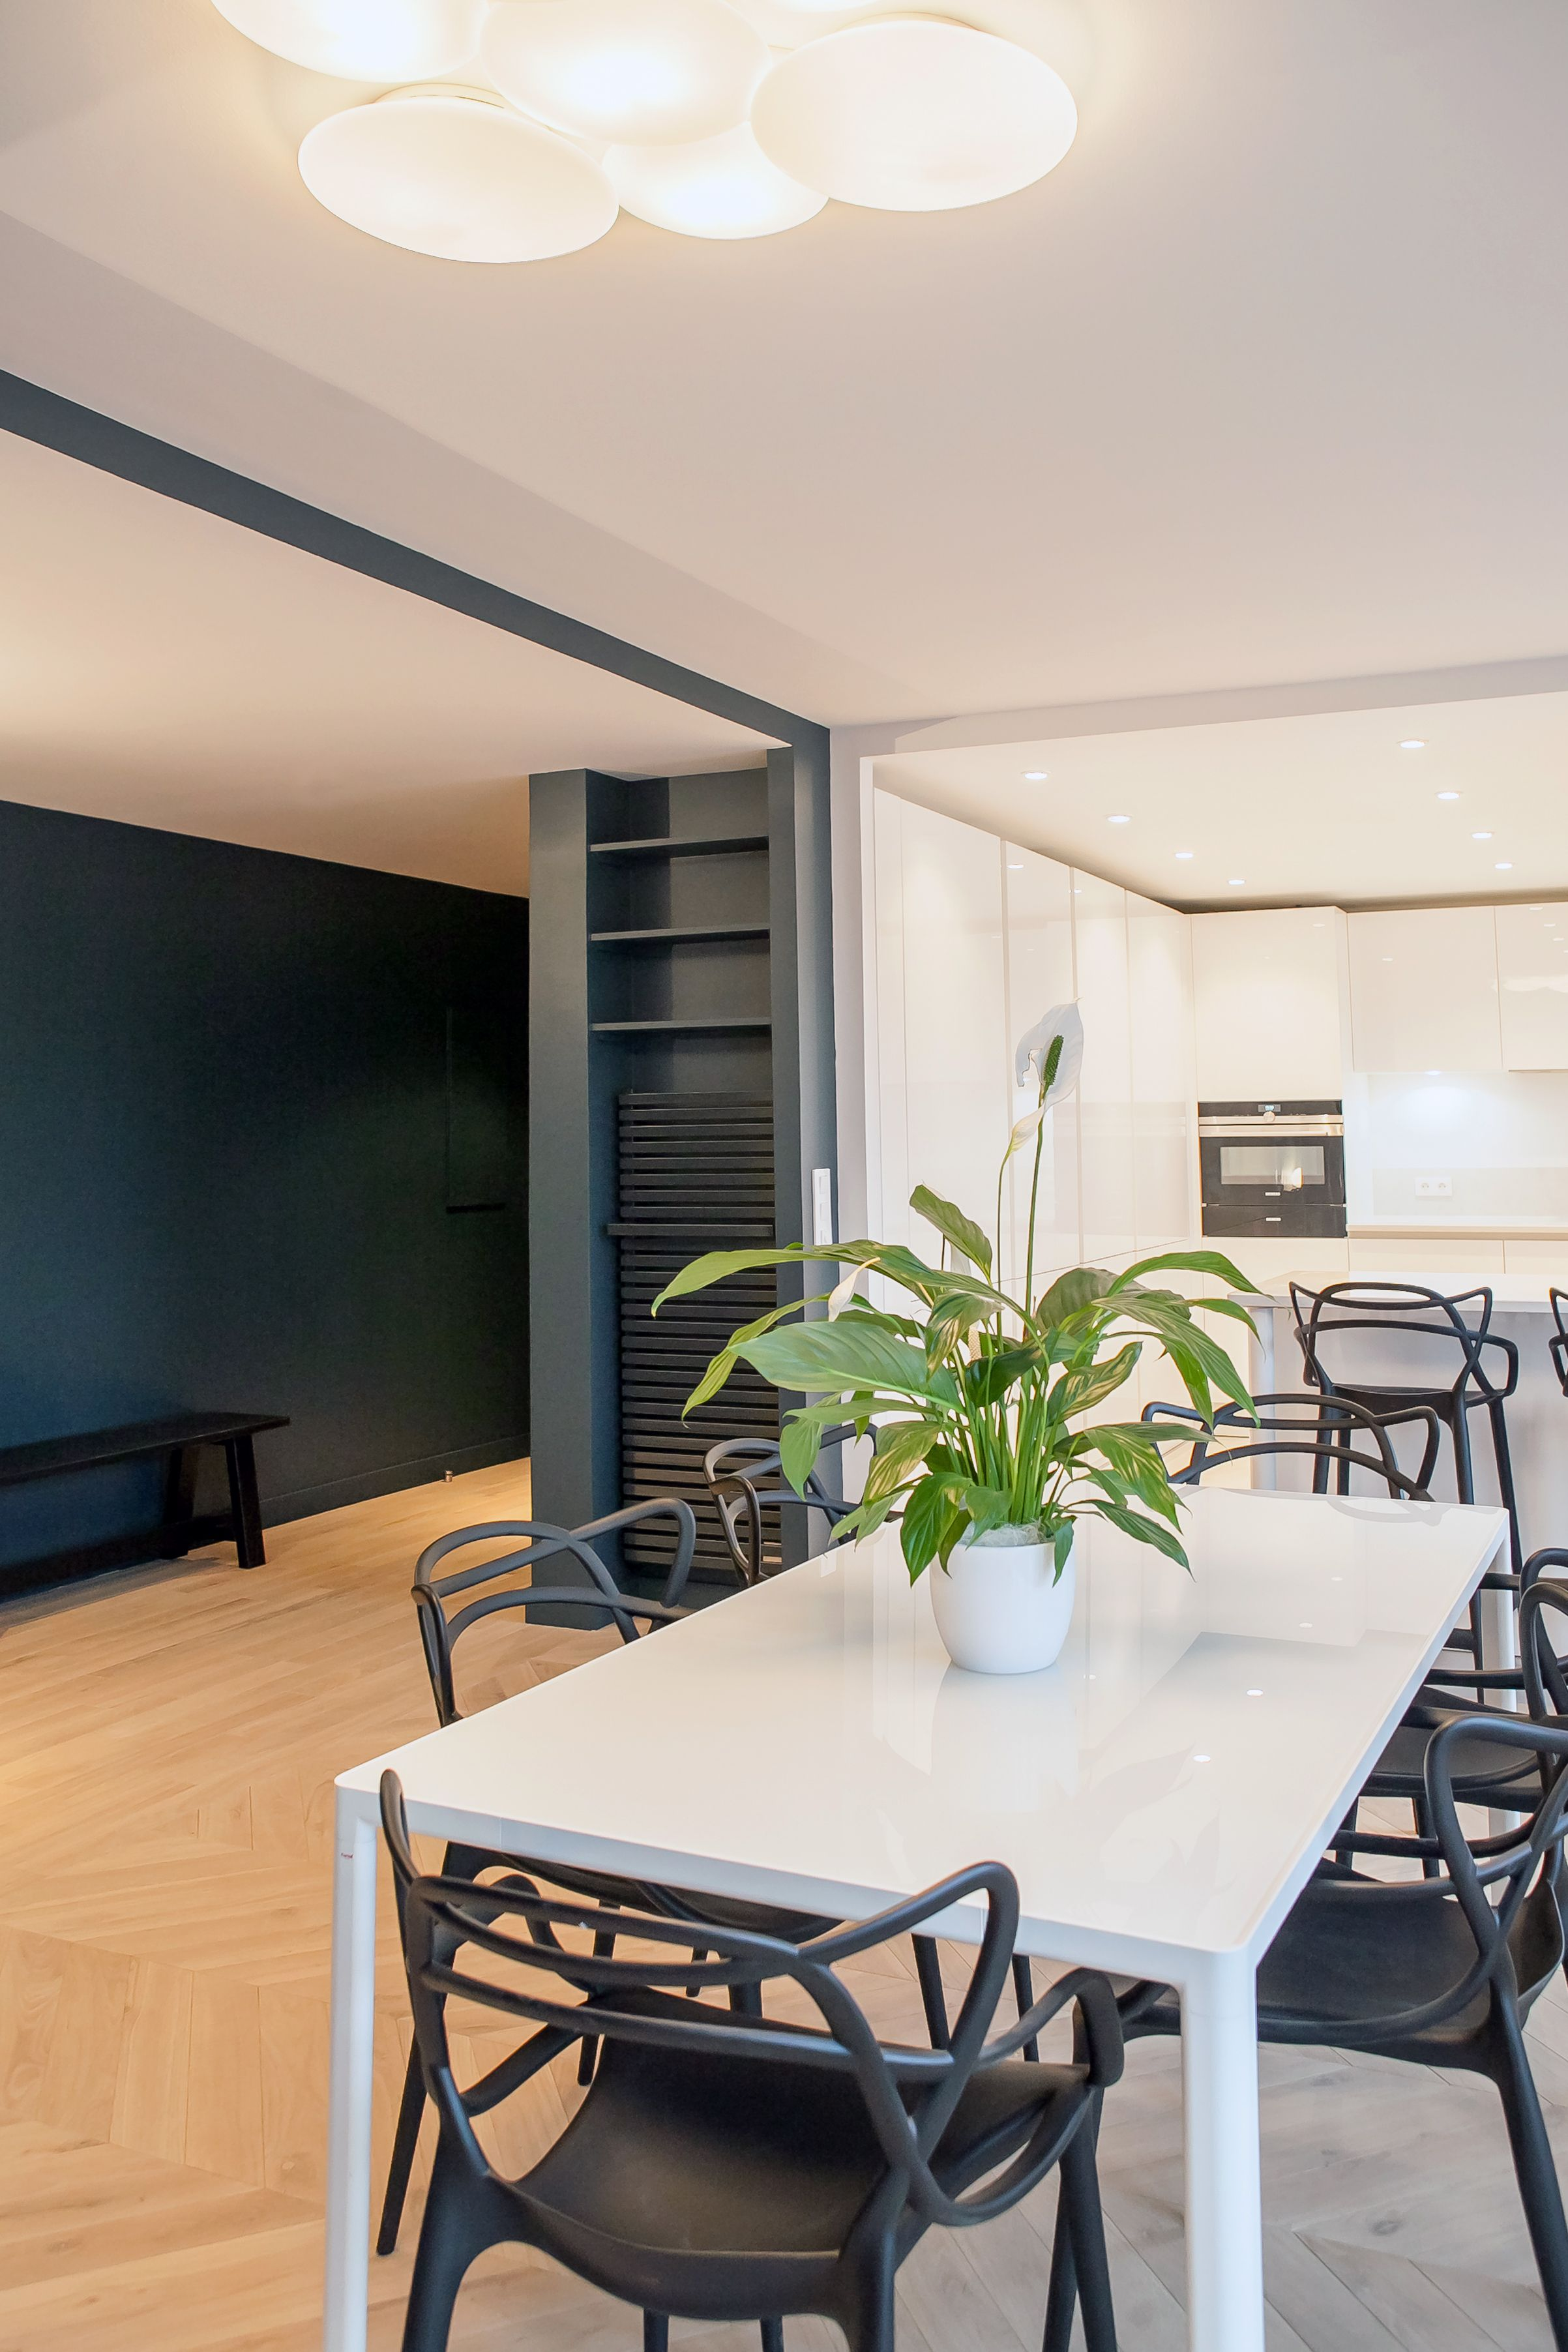 plan de travail, cuisine ouverte, salle à manger, bois laqué ...